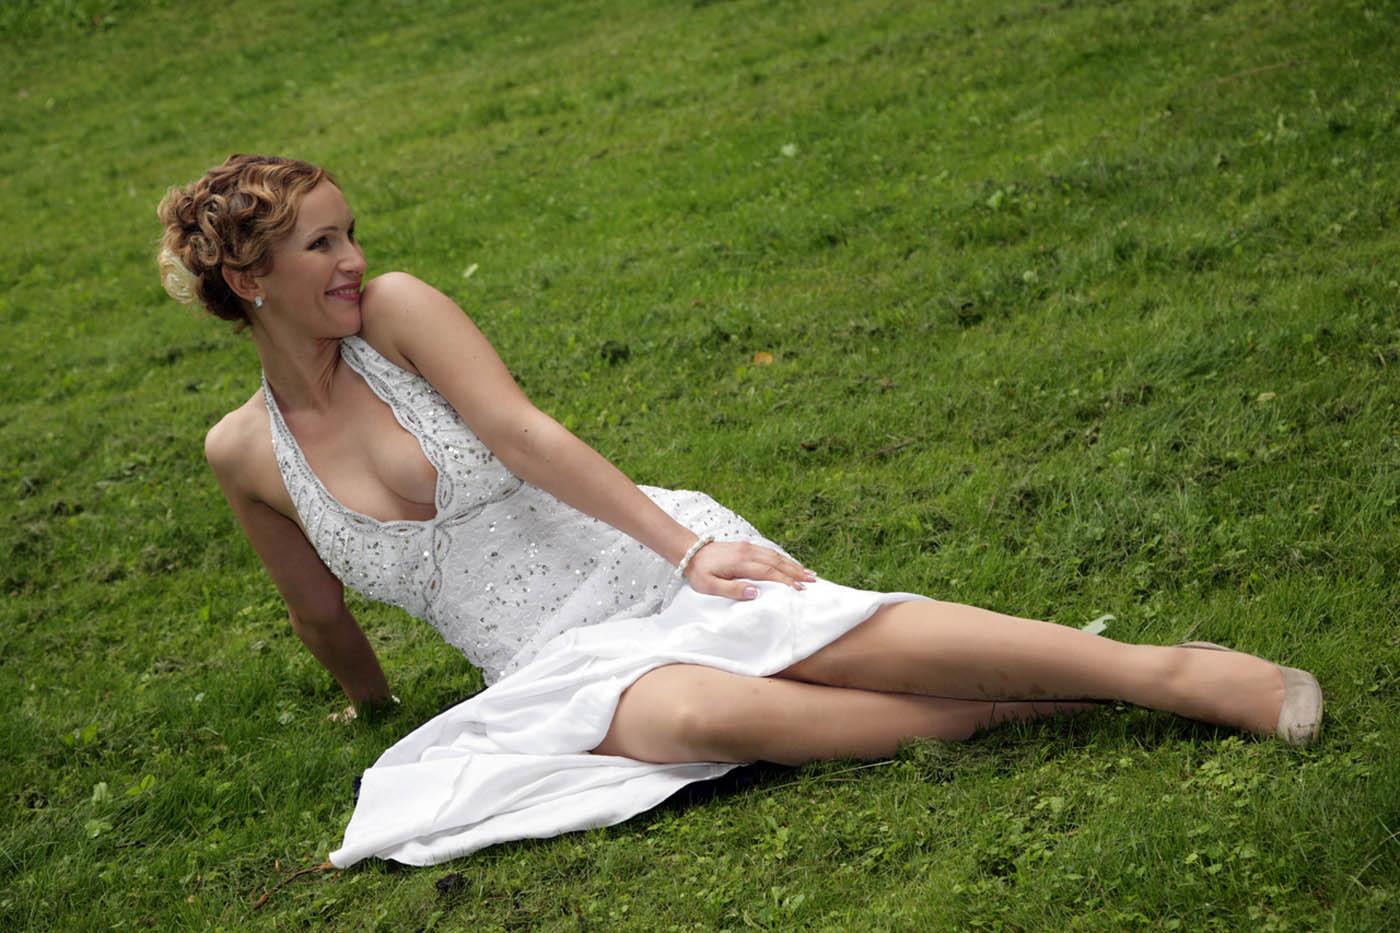 Фото невест в колготках, Голые невесты фото - обнаженные девушки на свадьбе 24 фотография